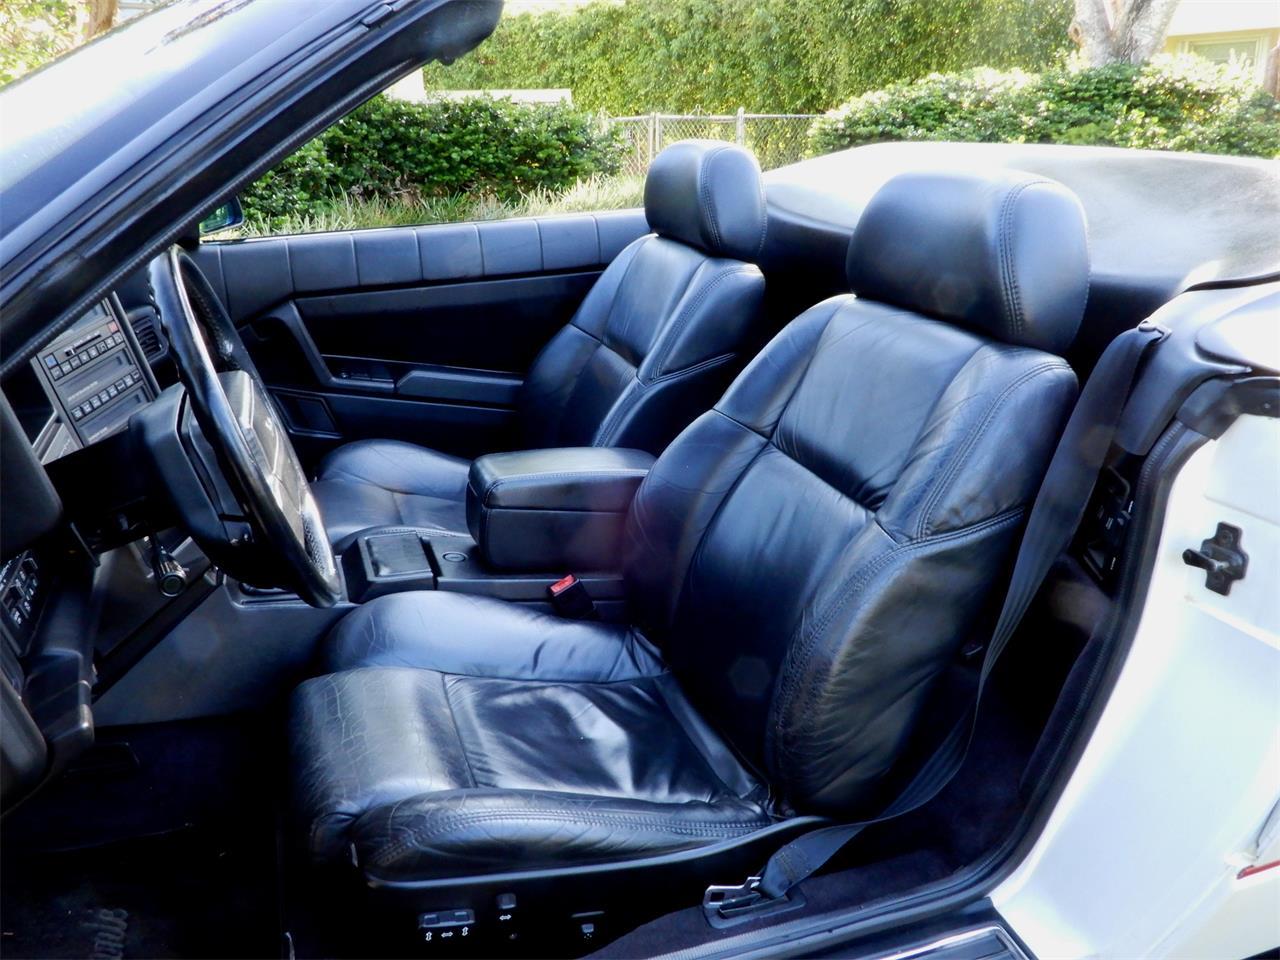 1993 Cadillac Allante (CC-1235231) for sale in Pinecrest, Florida